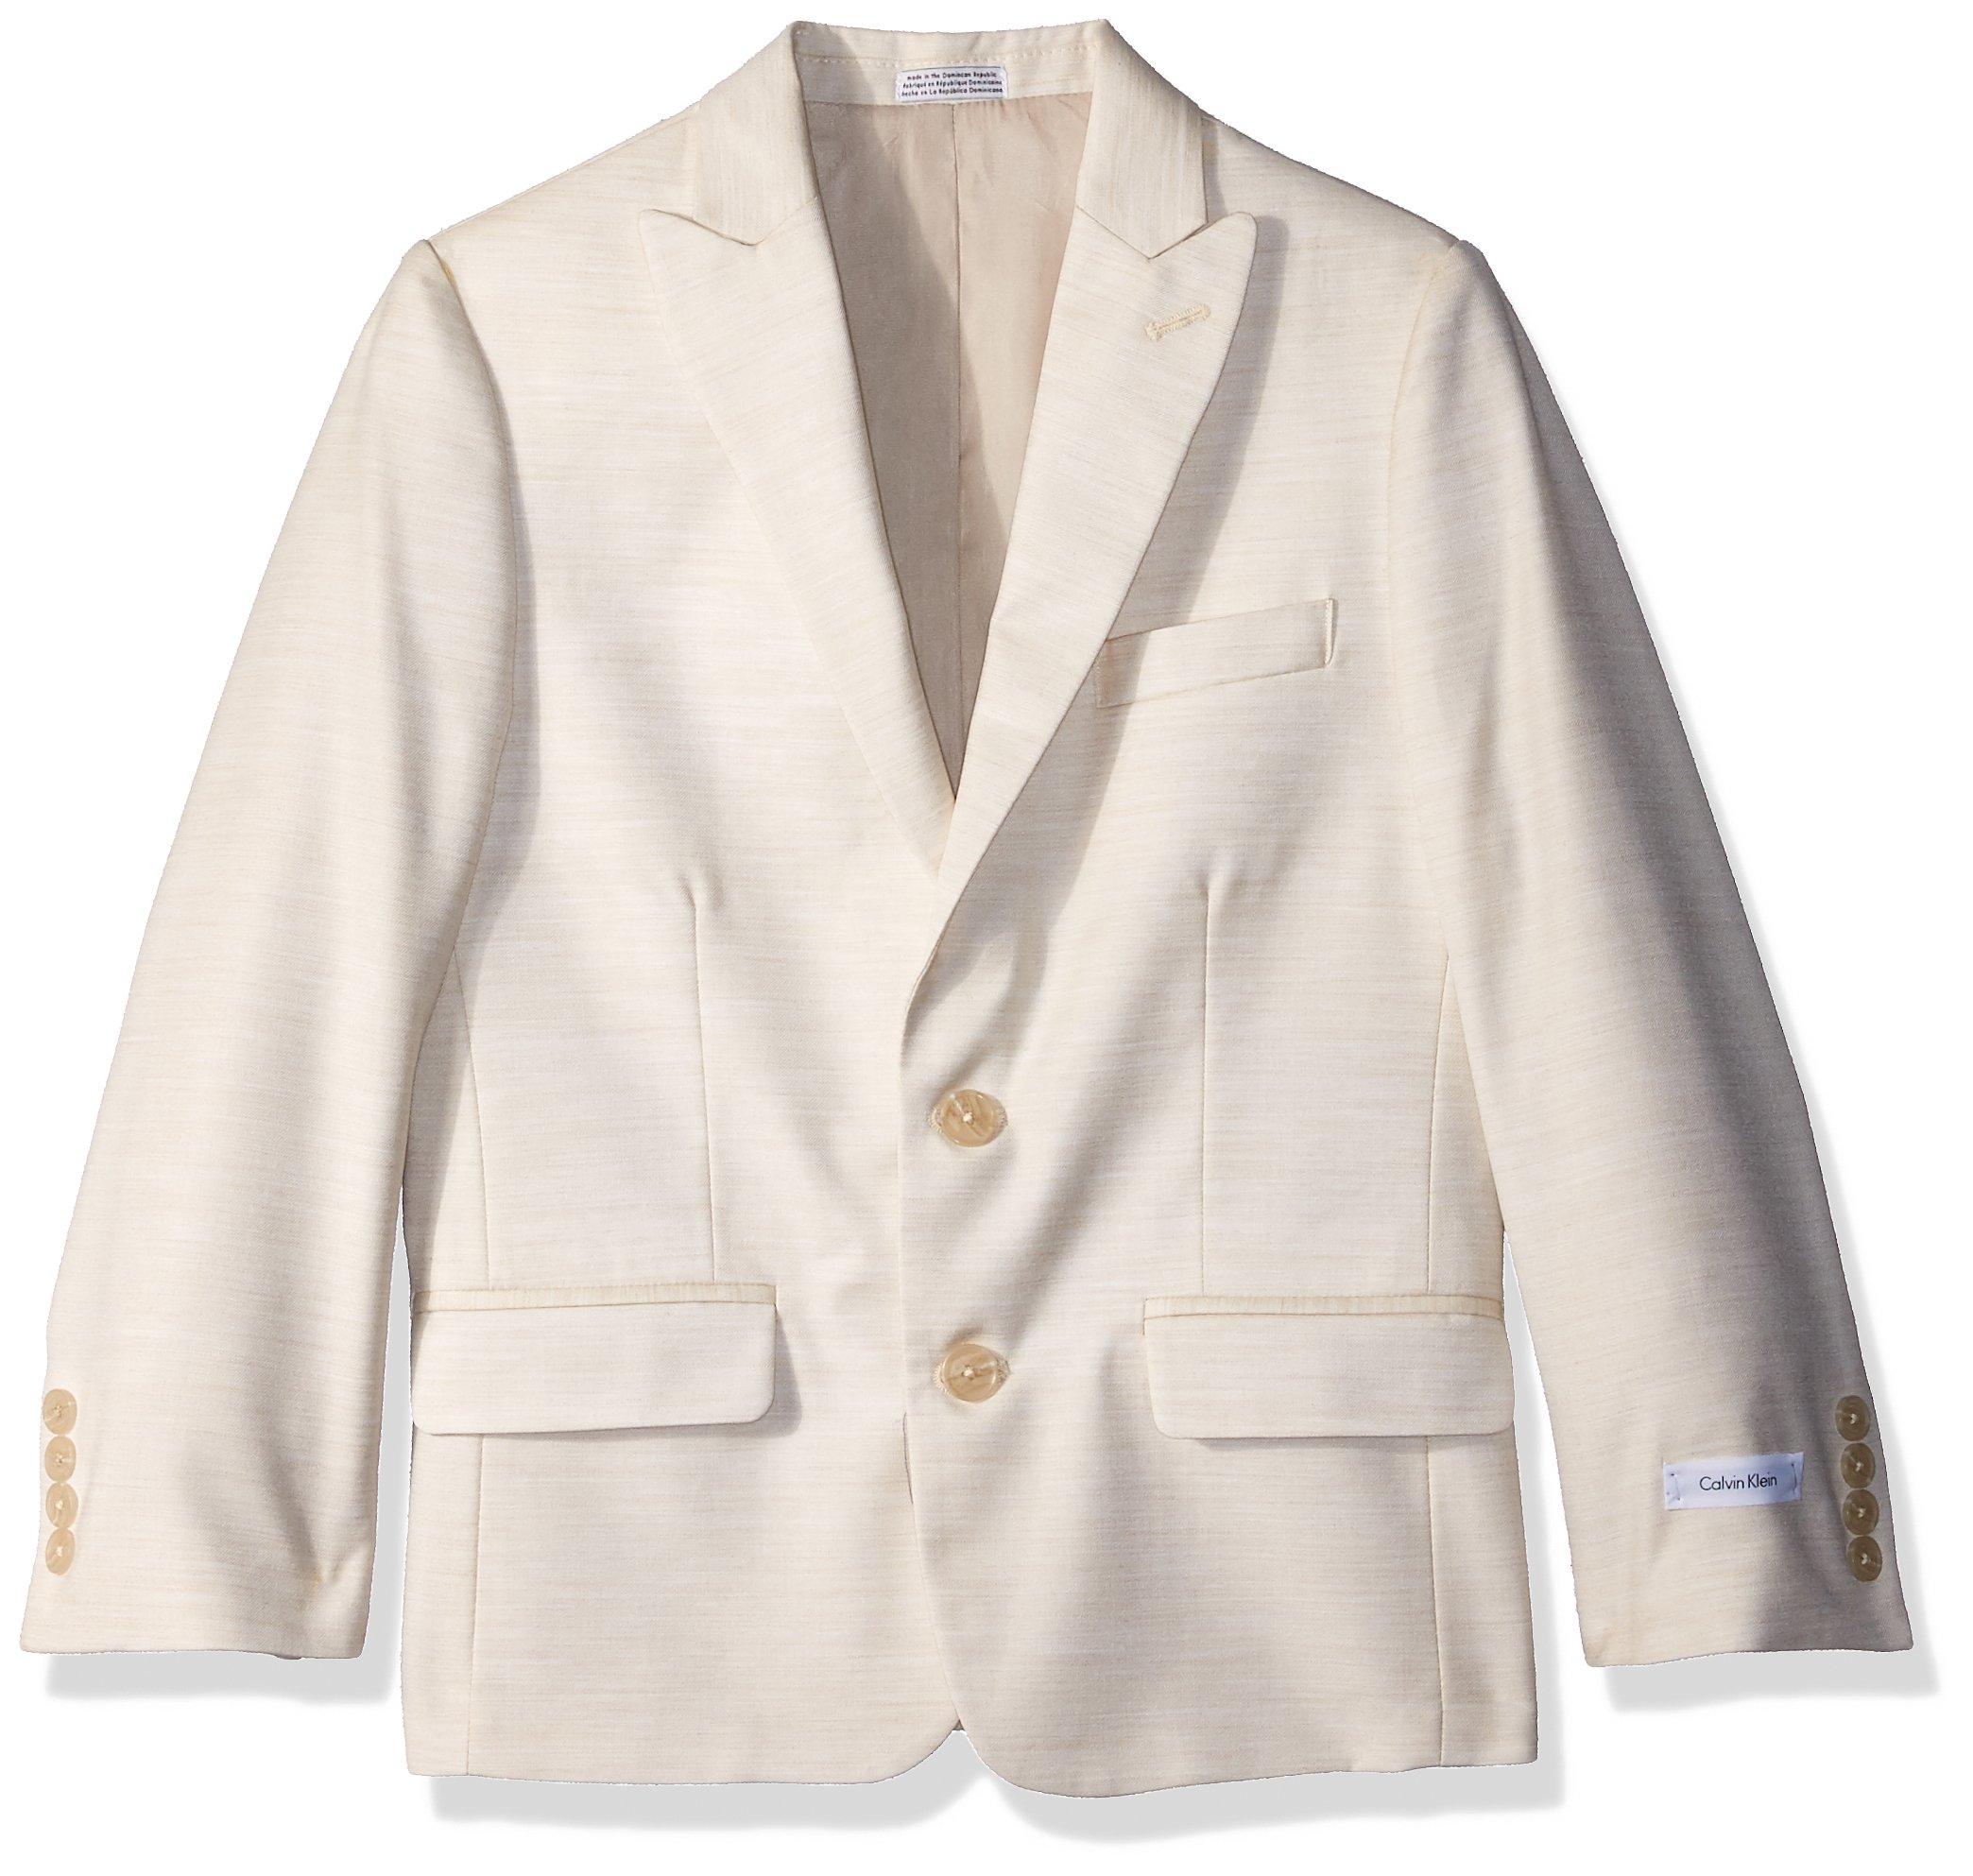 Calvin Klein Big Boys' Twill Blazer Jacket, Hummus, 12